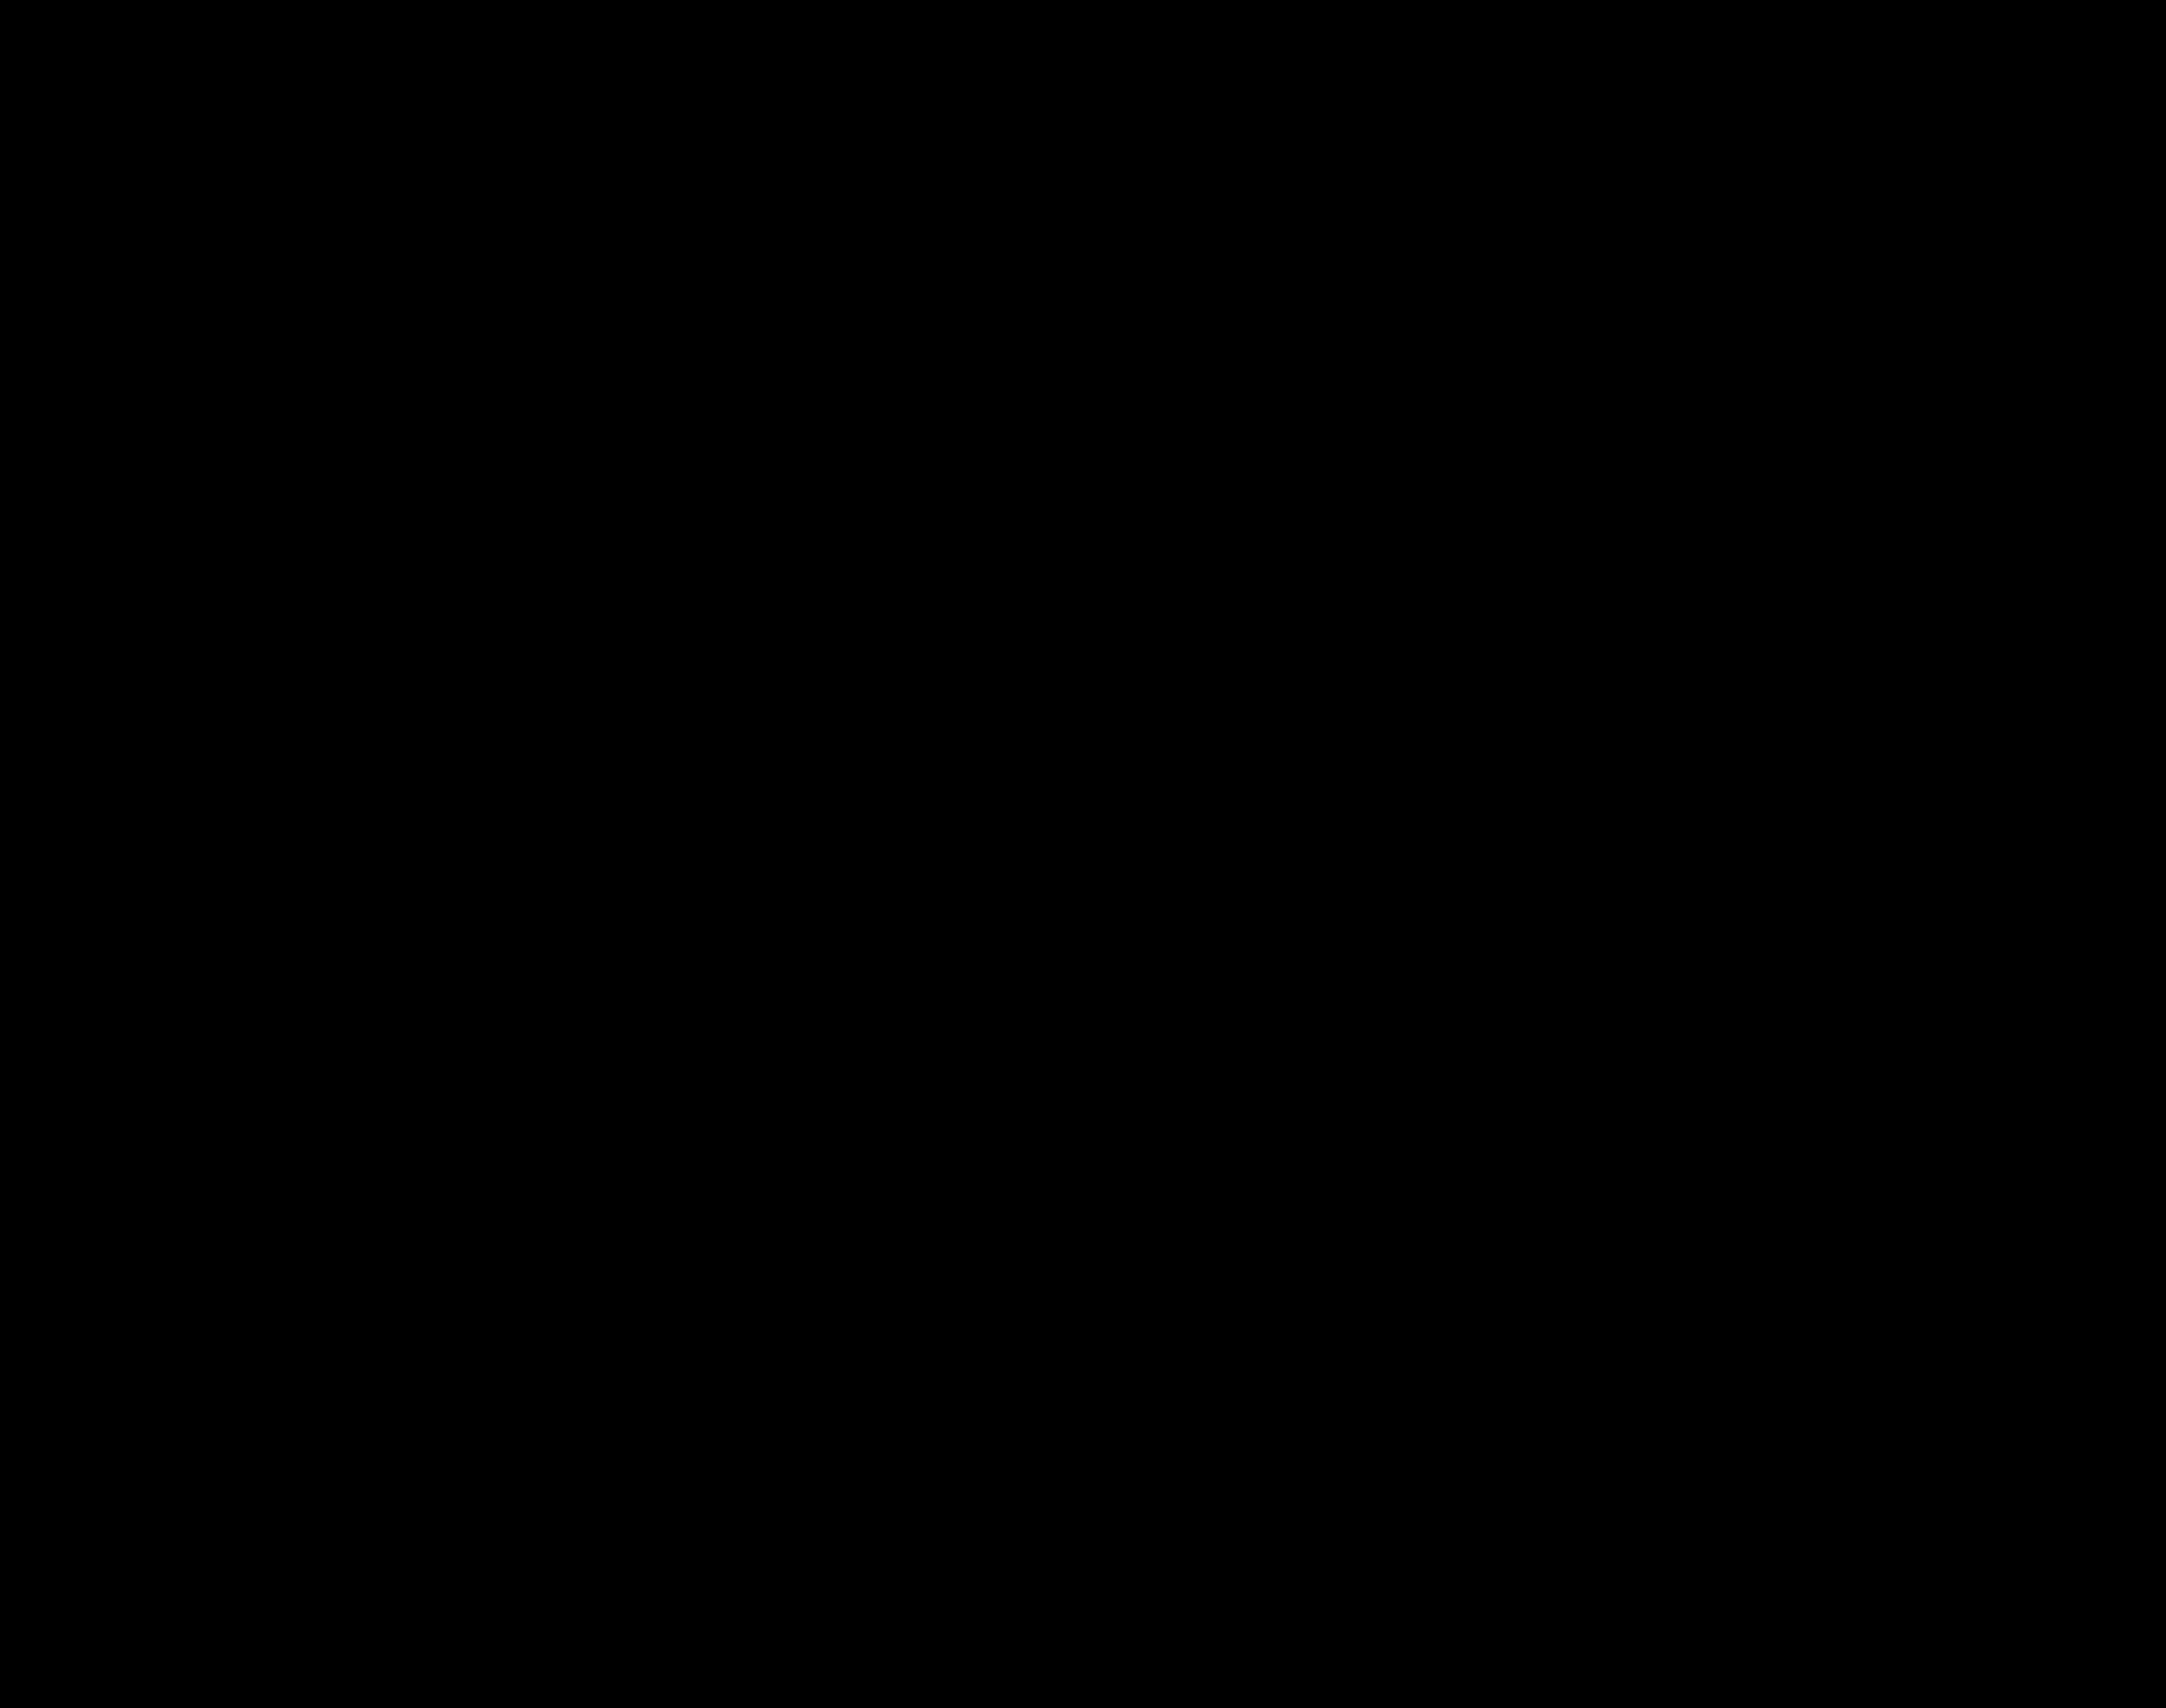 Эксклюзивный арт Diablo III - Изображение 11